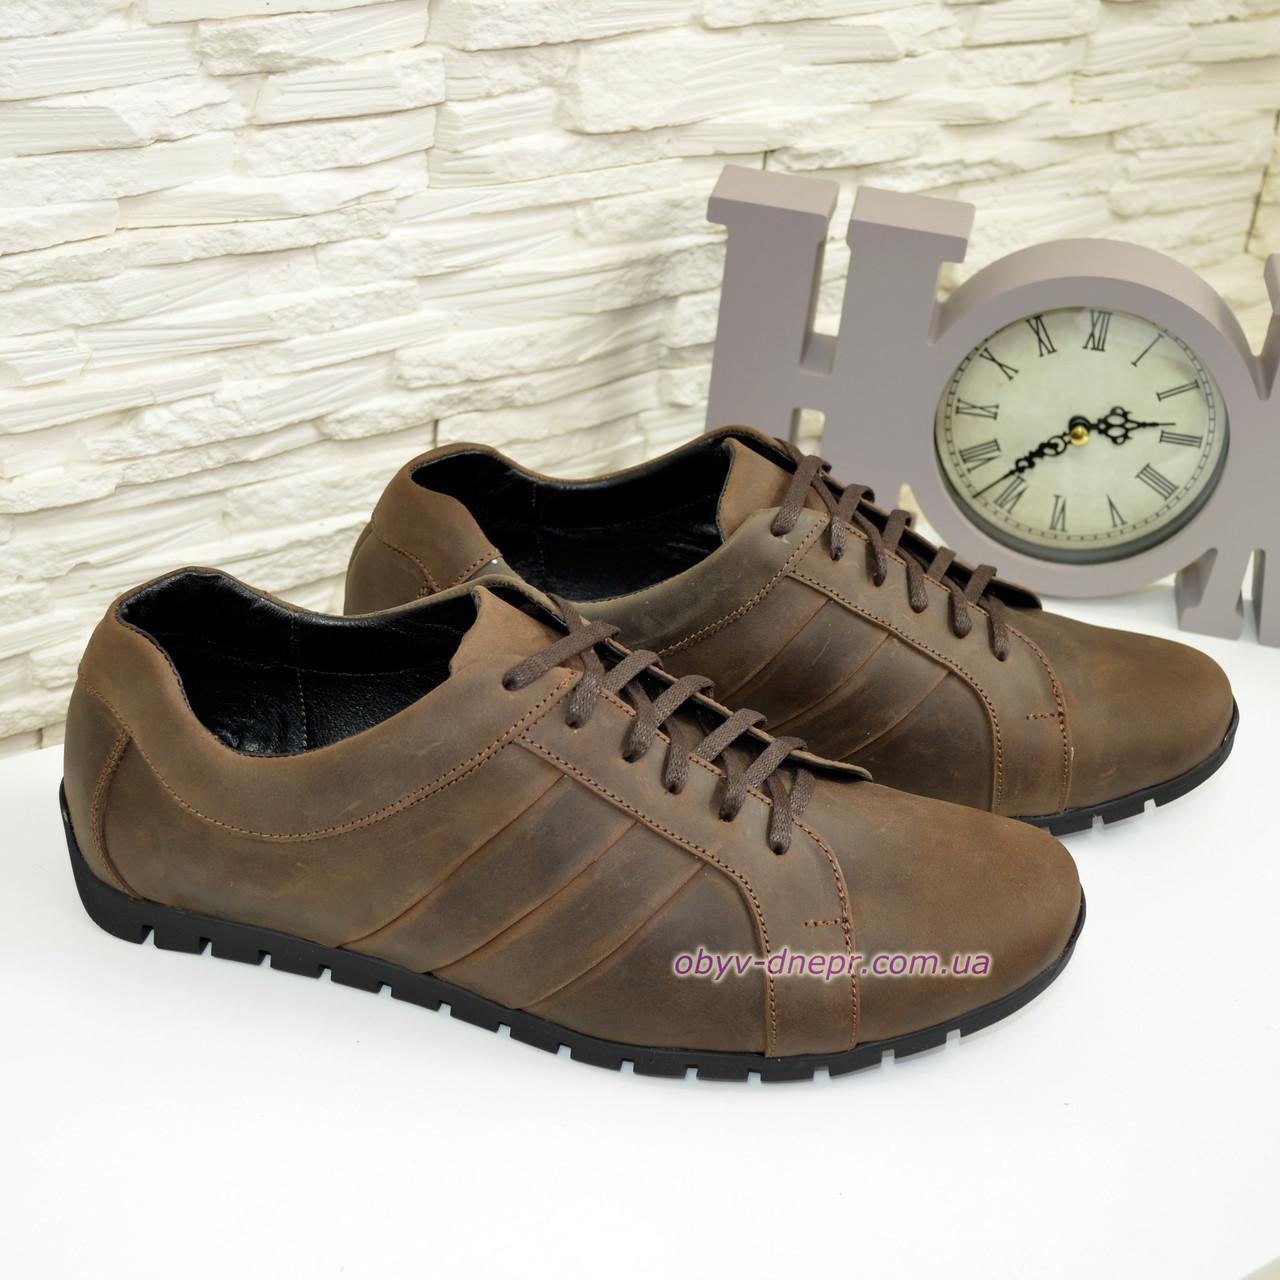 6d950f6244ba9 Туфли-кроссовки кожаные мужские комфортные, цвет коричневый: продажа ...